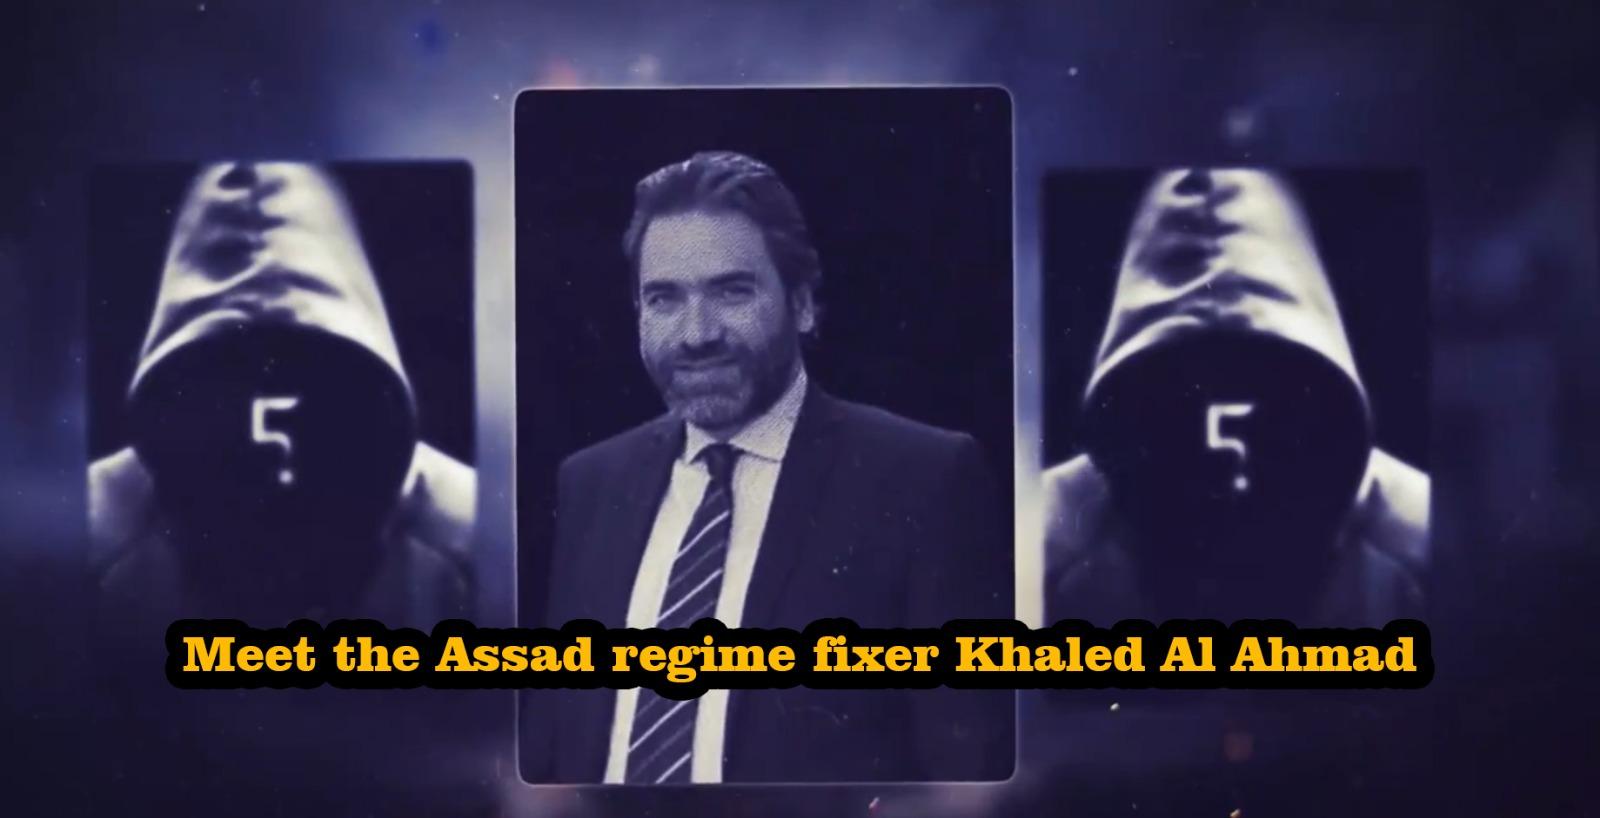 صورة تعرف على ذراع الأسد الخفية الذي تغلغل بين الثوار- فيديو